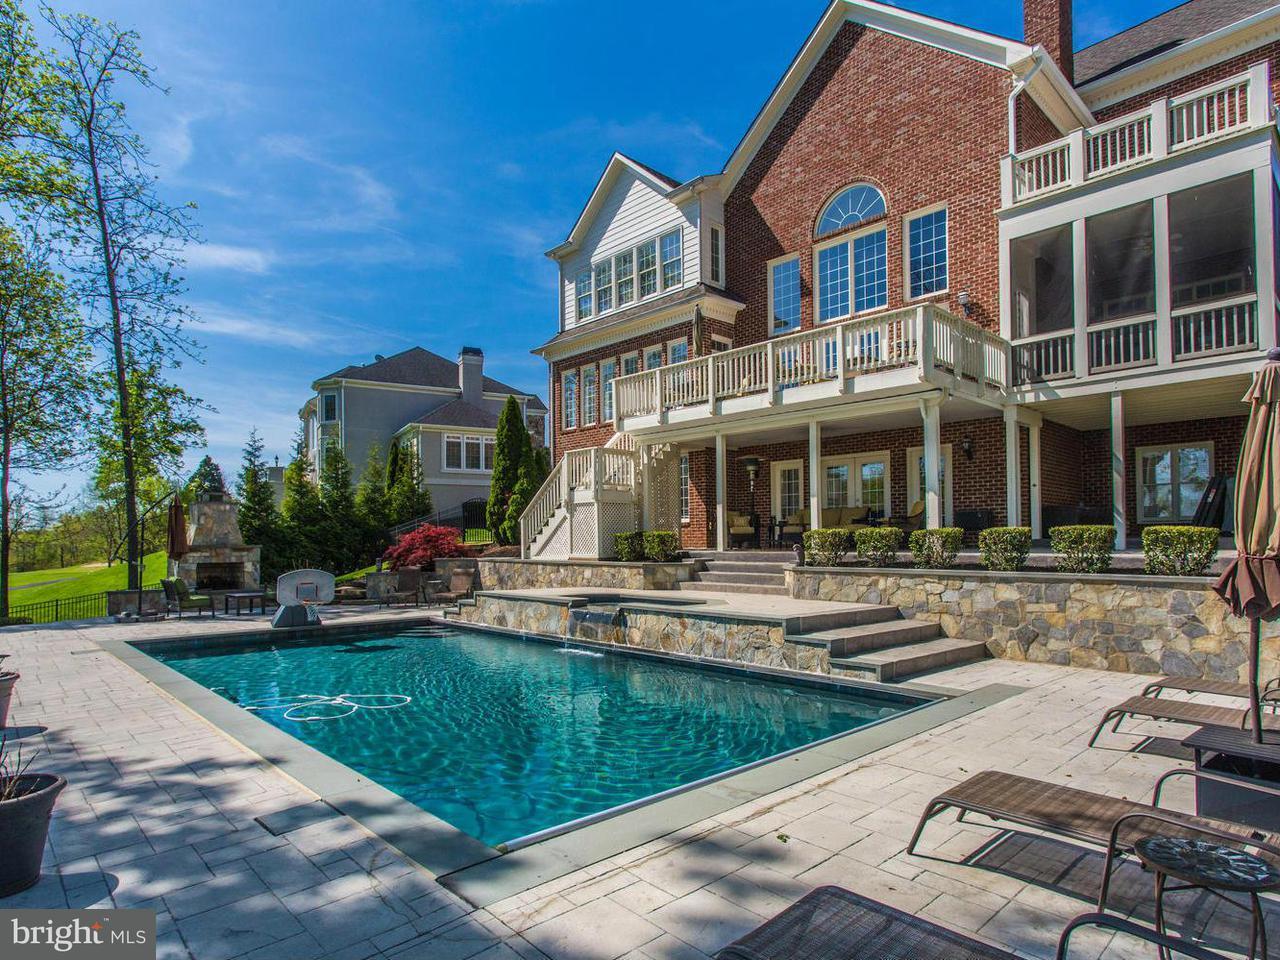 Maison unifamiliale pour l Vente à 15858 SPYGLASS HILL LOOP 15858 SPYGLASS HILL LOOP Gainesville, Virginia 20155 États-Unis